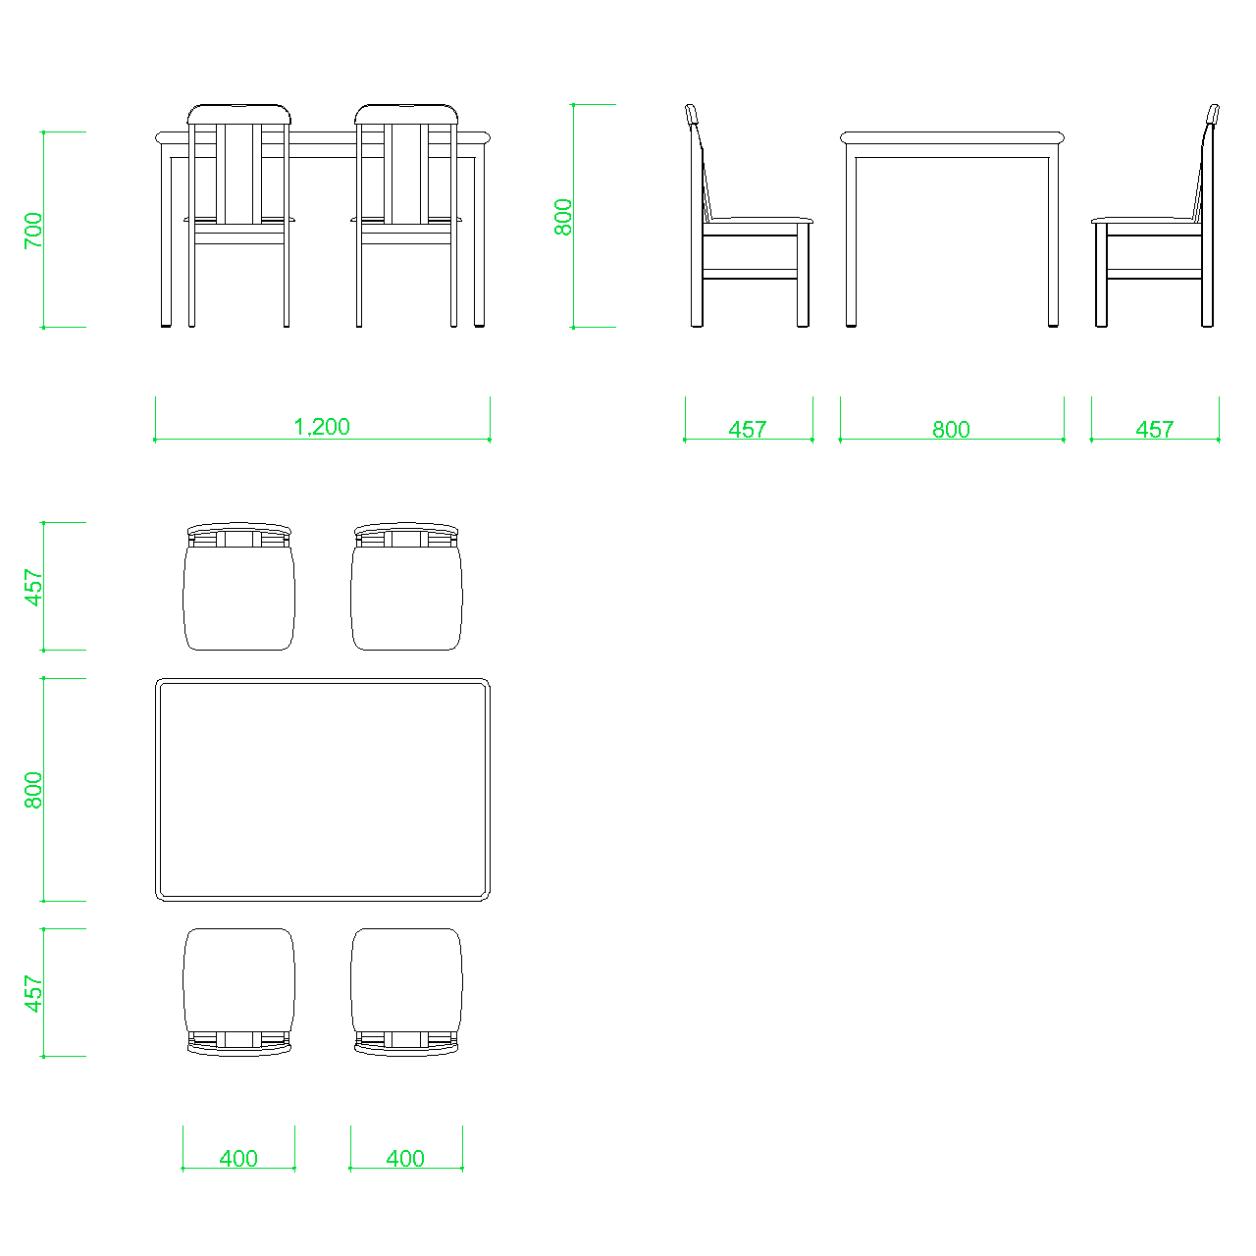 ダイニングテーブルと椅子4脚の2DCAD部品丨インテリア 家具 寸法丨無料 商用可能 フリー素材 フリーデータ AUTOCAD DWG DXF|【無料・商用可】2D・3D CADデータ フリーダウンロードサイト